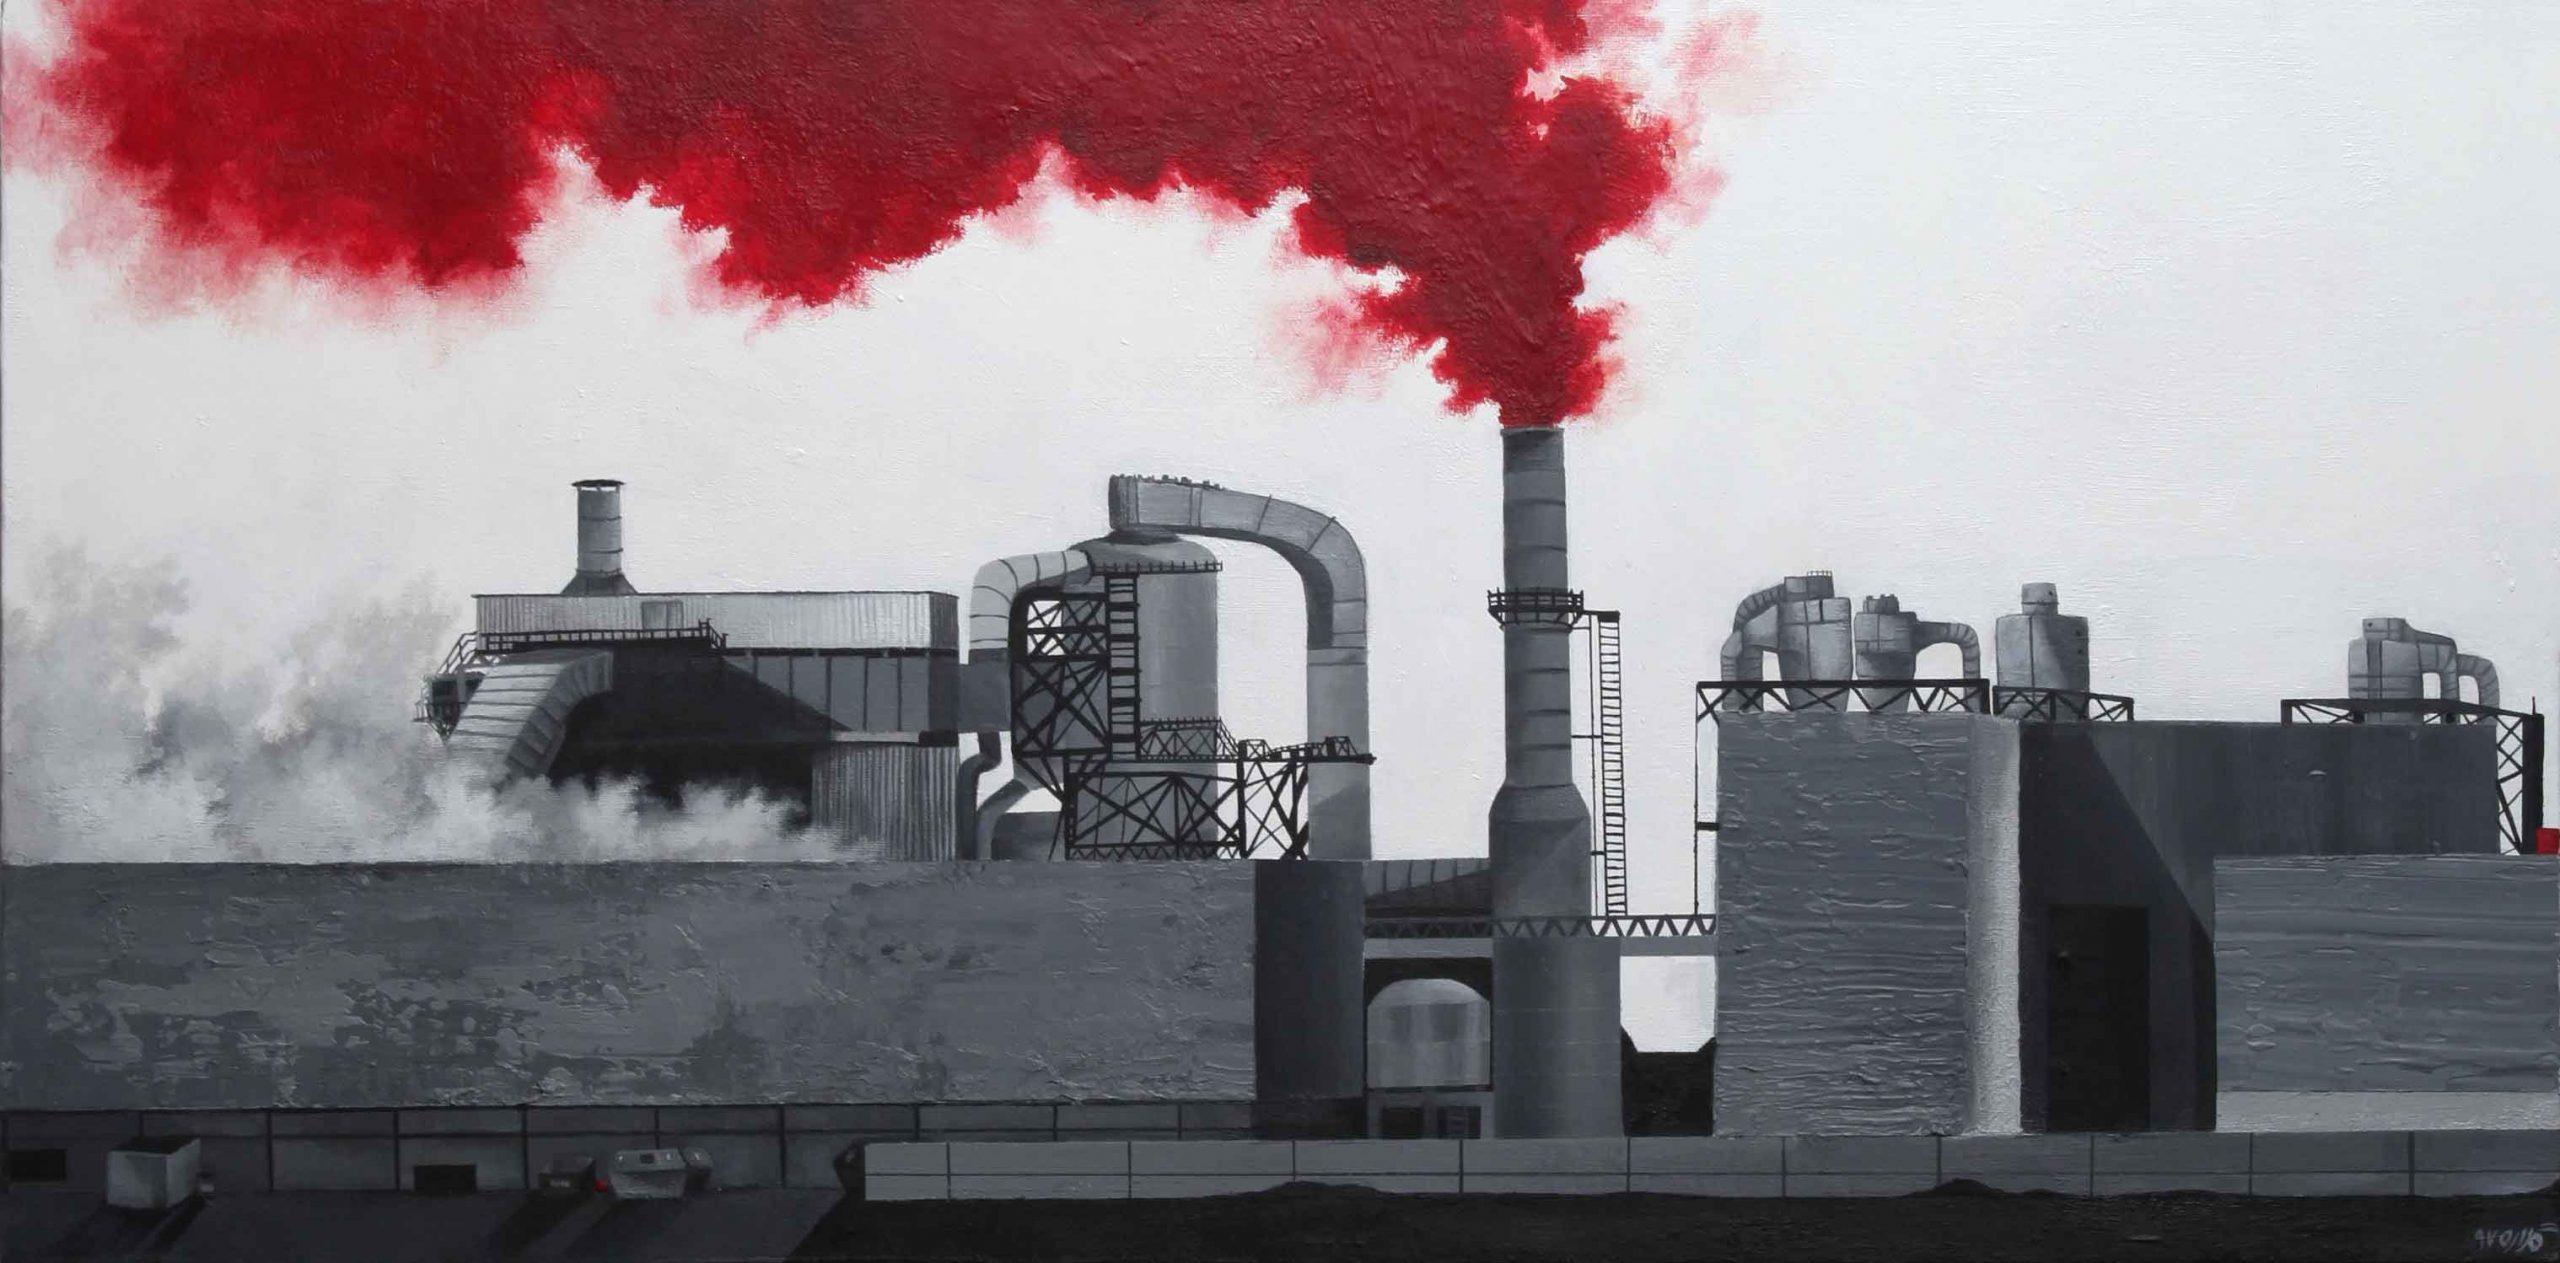 acrylic-on-canvas-60